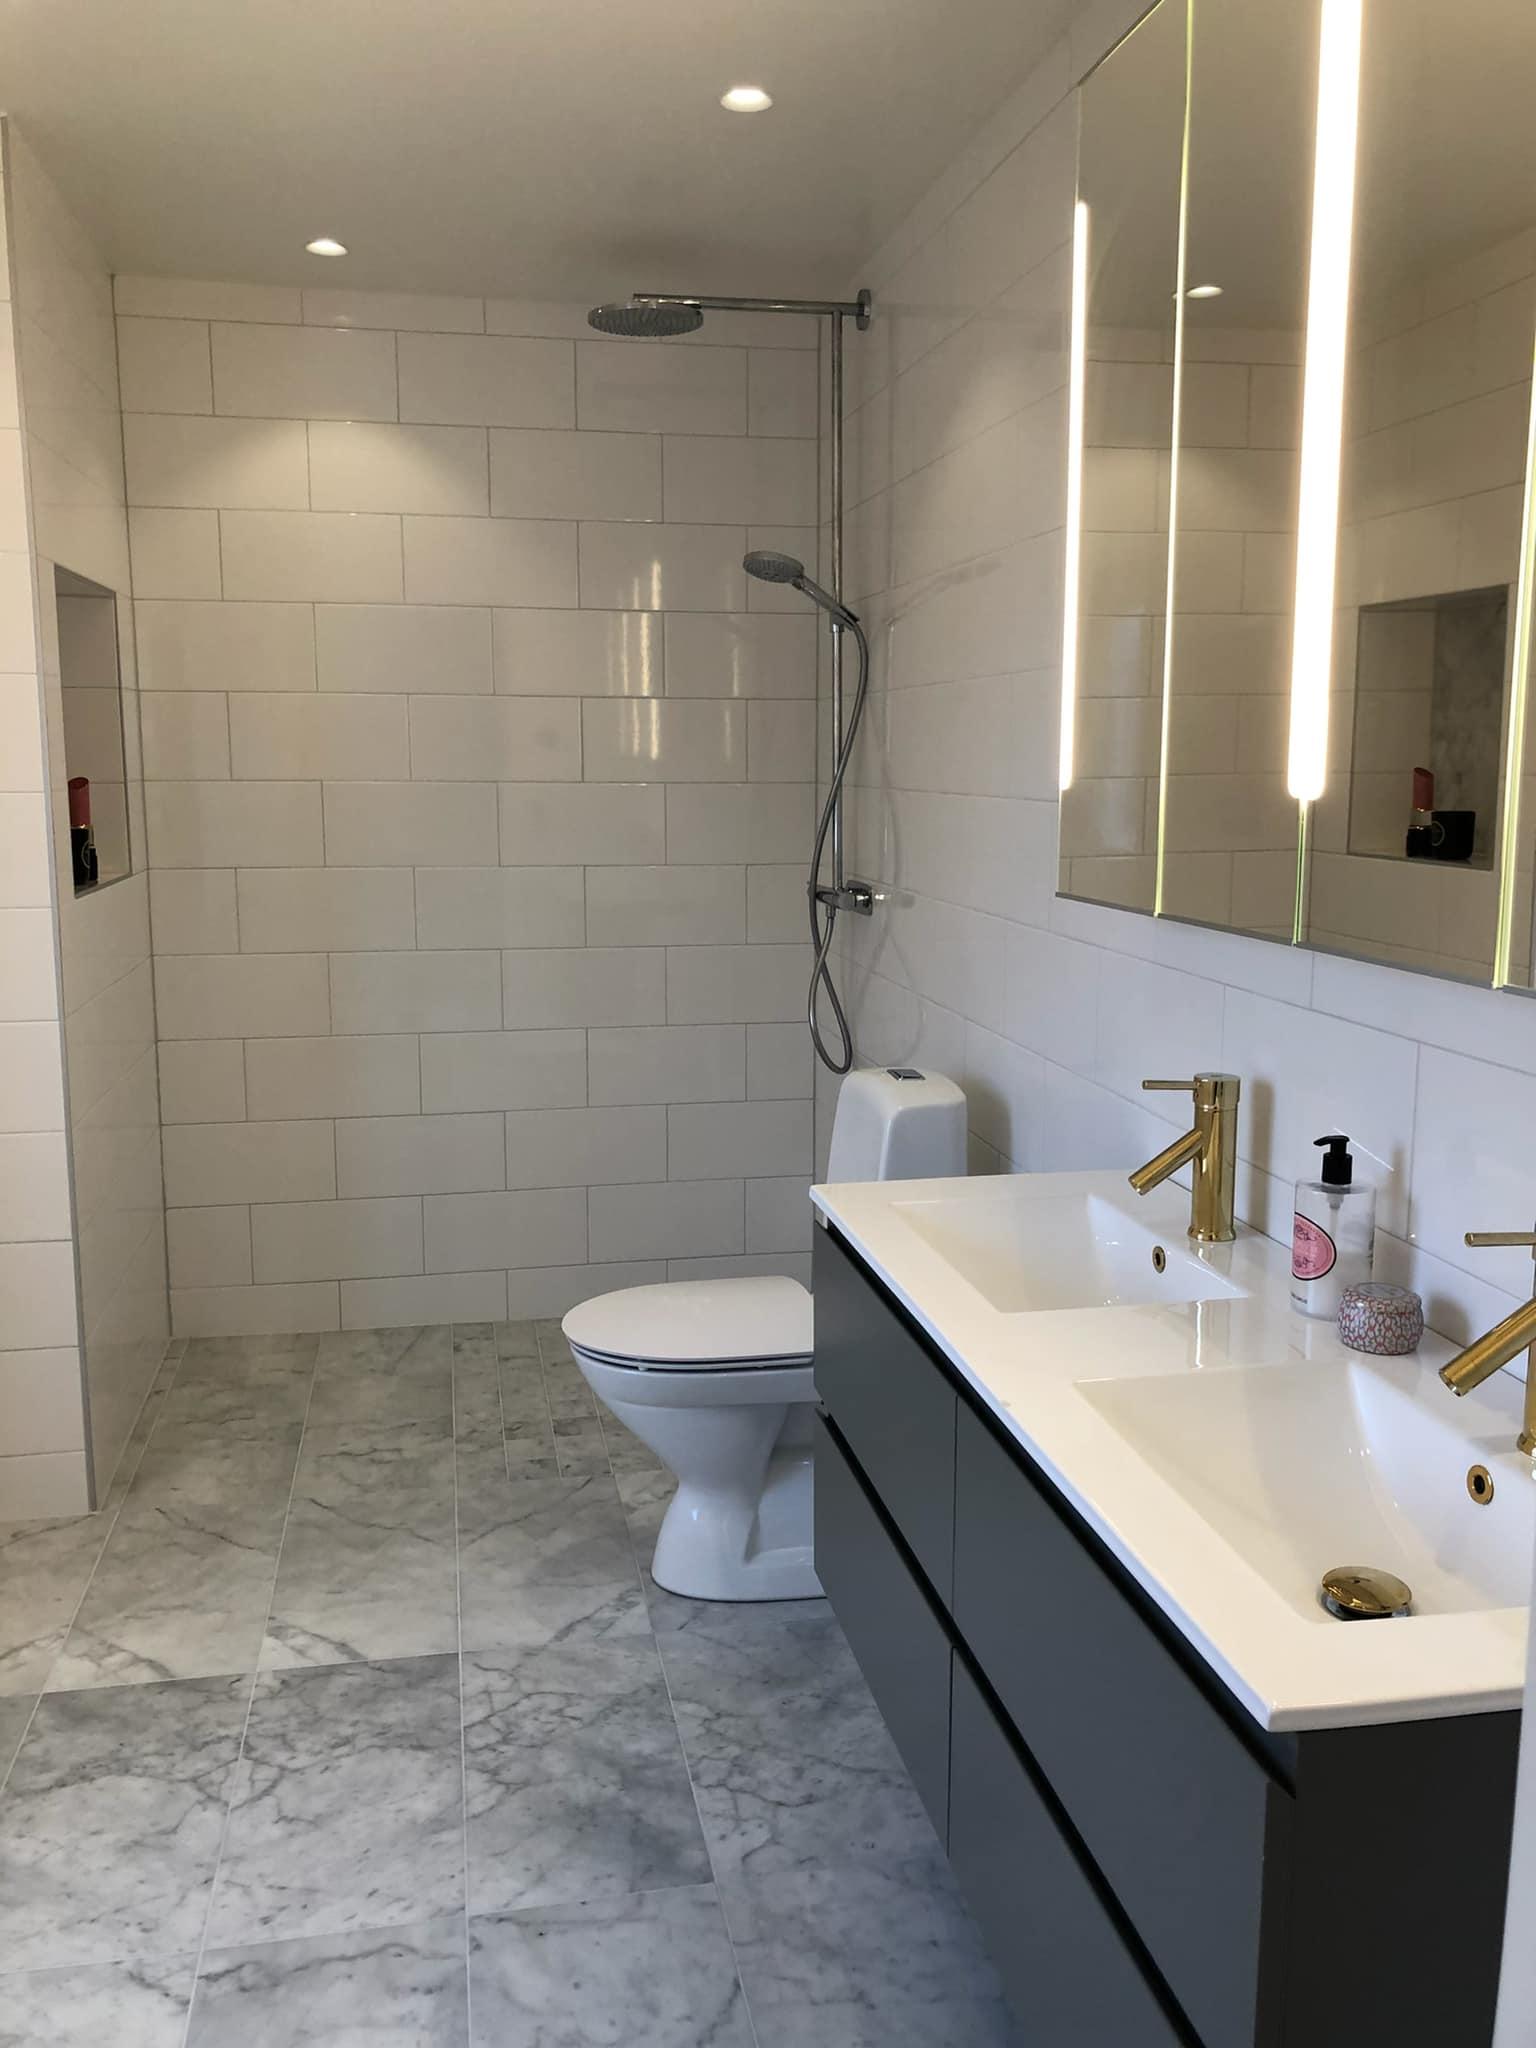 Elegant dusch och kommod - Badrumsrenovering 2021 - Snickare Sala